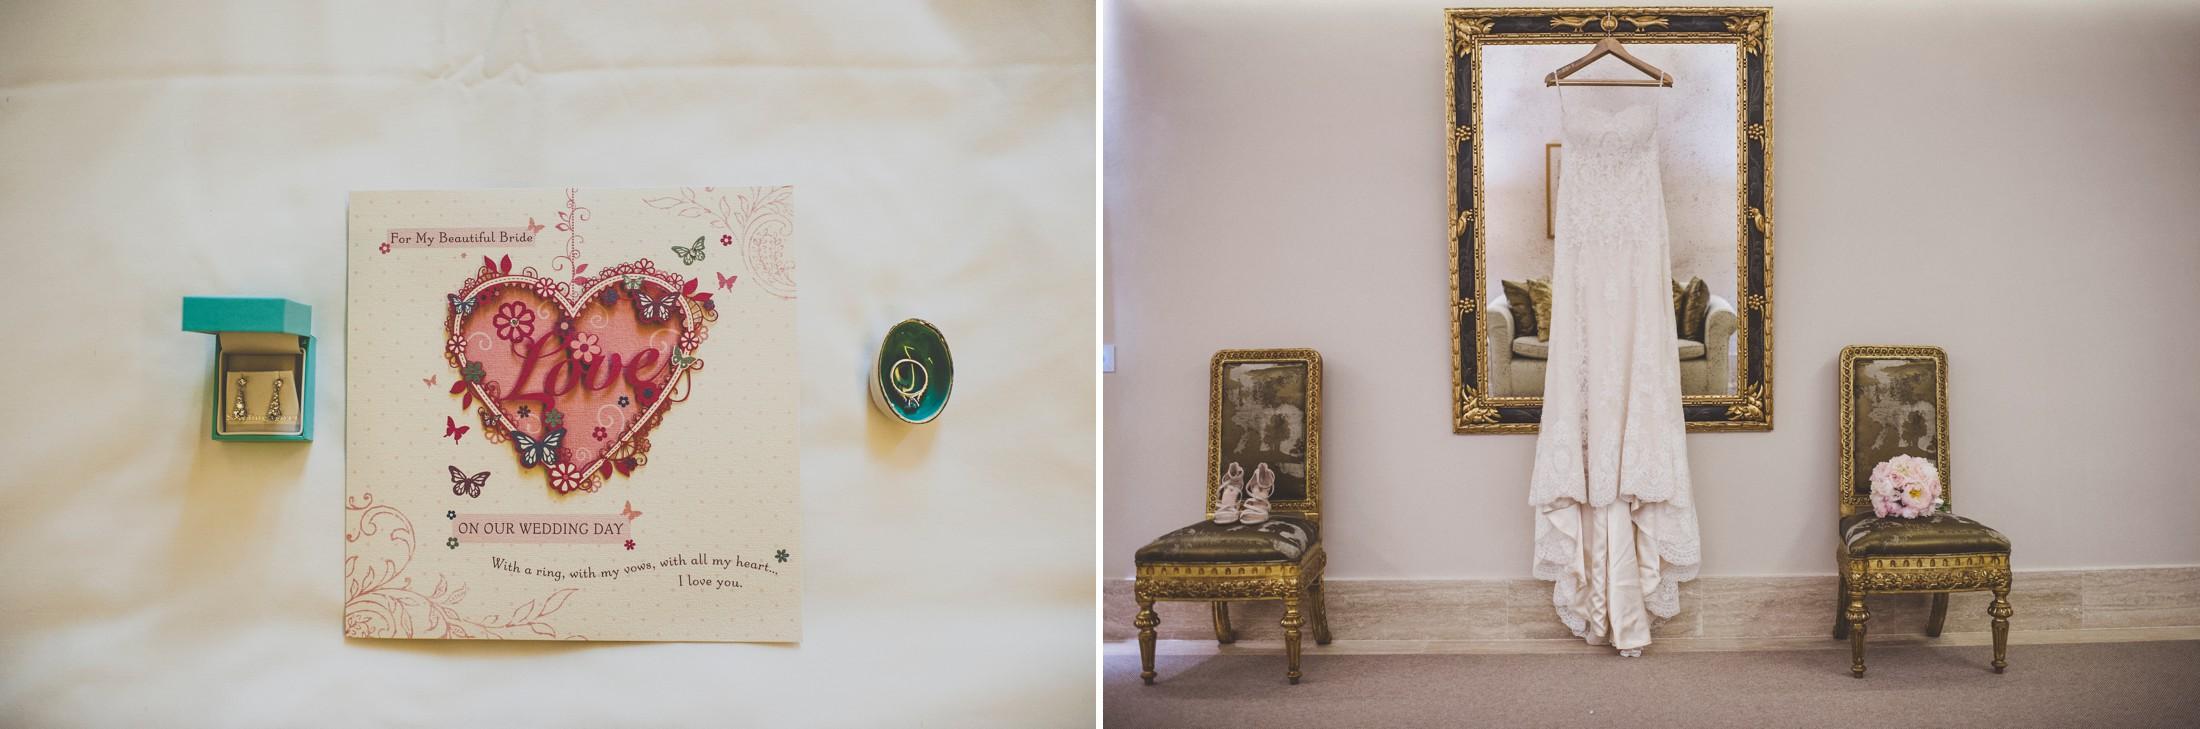 collage wedding details